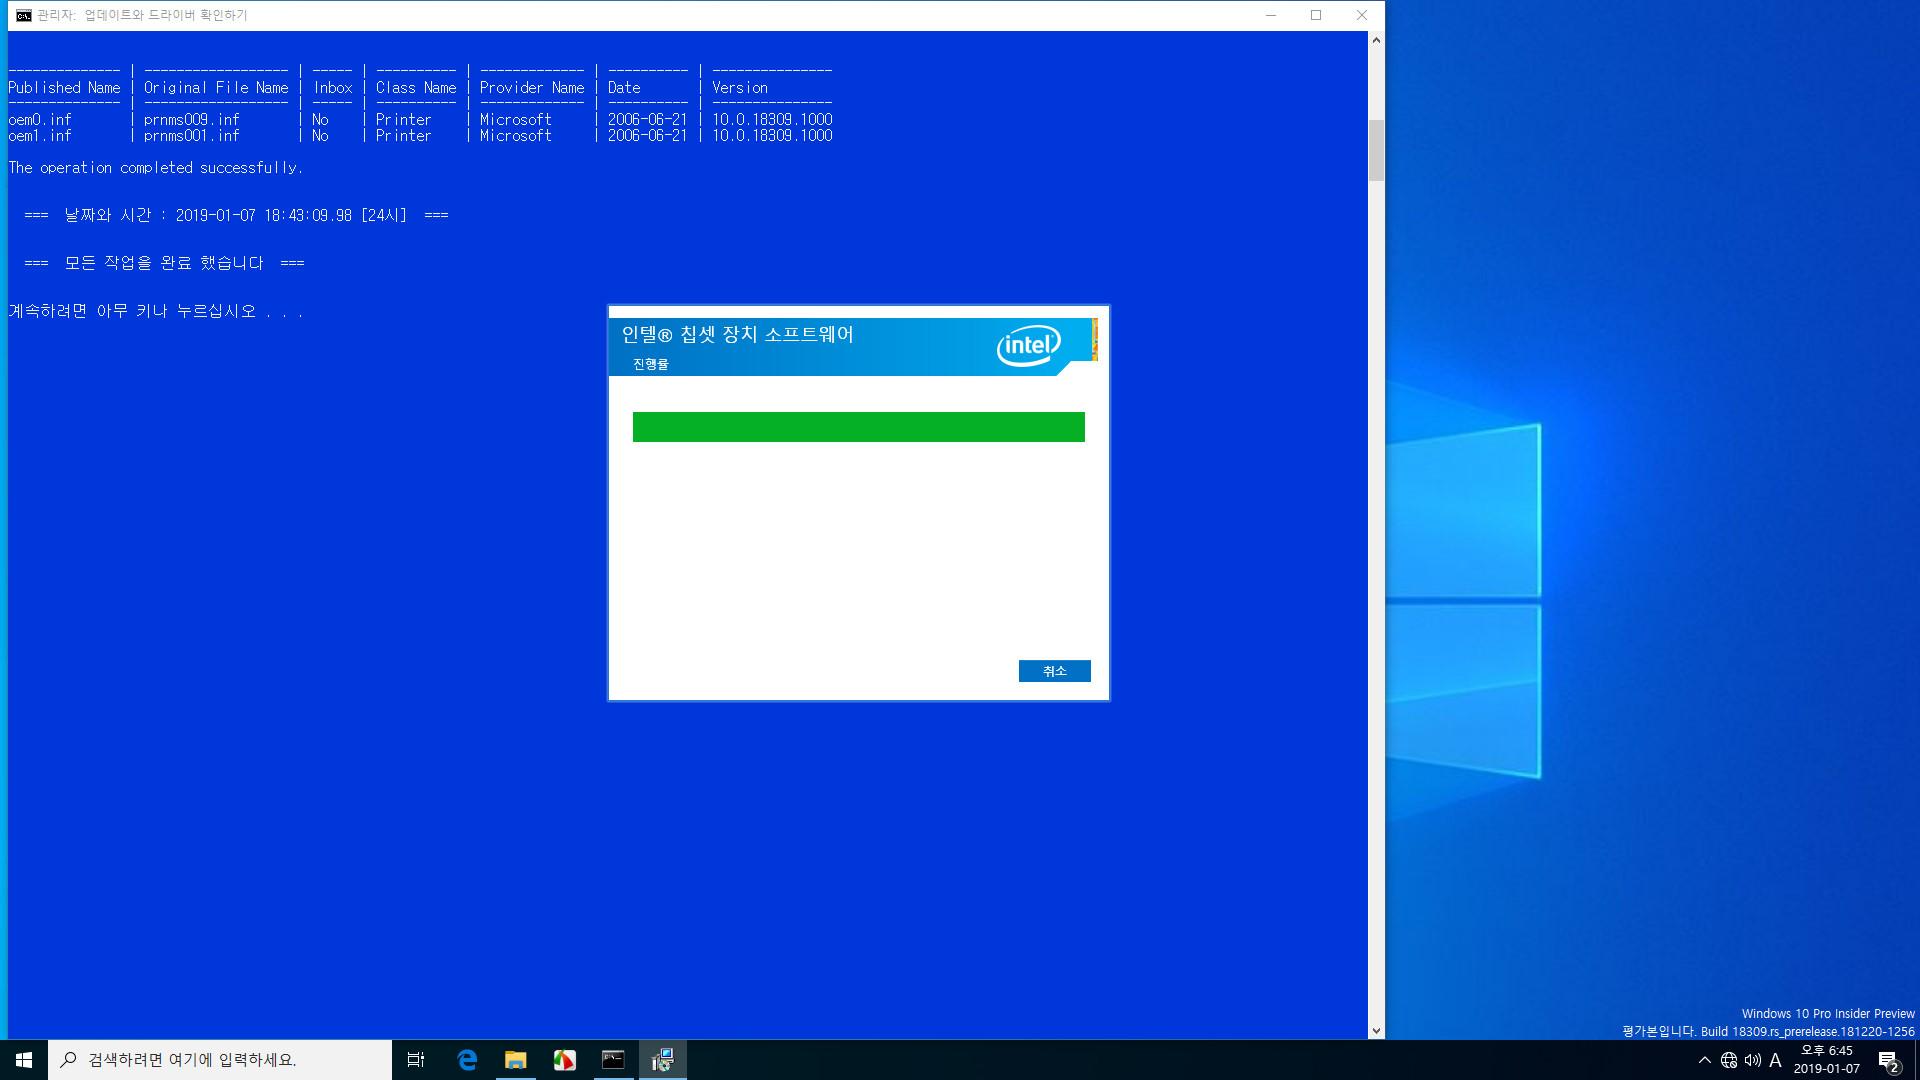 윈도10 19H1 인사이더 프리뷰 18309.1000 빌드 나왔네요 - 실컴에서 Windows Sandbox 테스트 - 어떤 드라이버가 충돌을 일으키는지 확인 테스트4 [윈도에 내장된 랜드라이버 제거] - 3번째 for 구문과 사용권한 획득으로 내장 랜 드라이버들 삭제 성공함 2019-01-07_184528.jpg